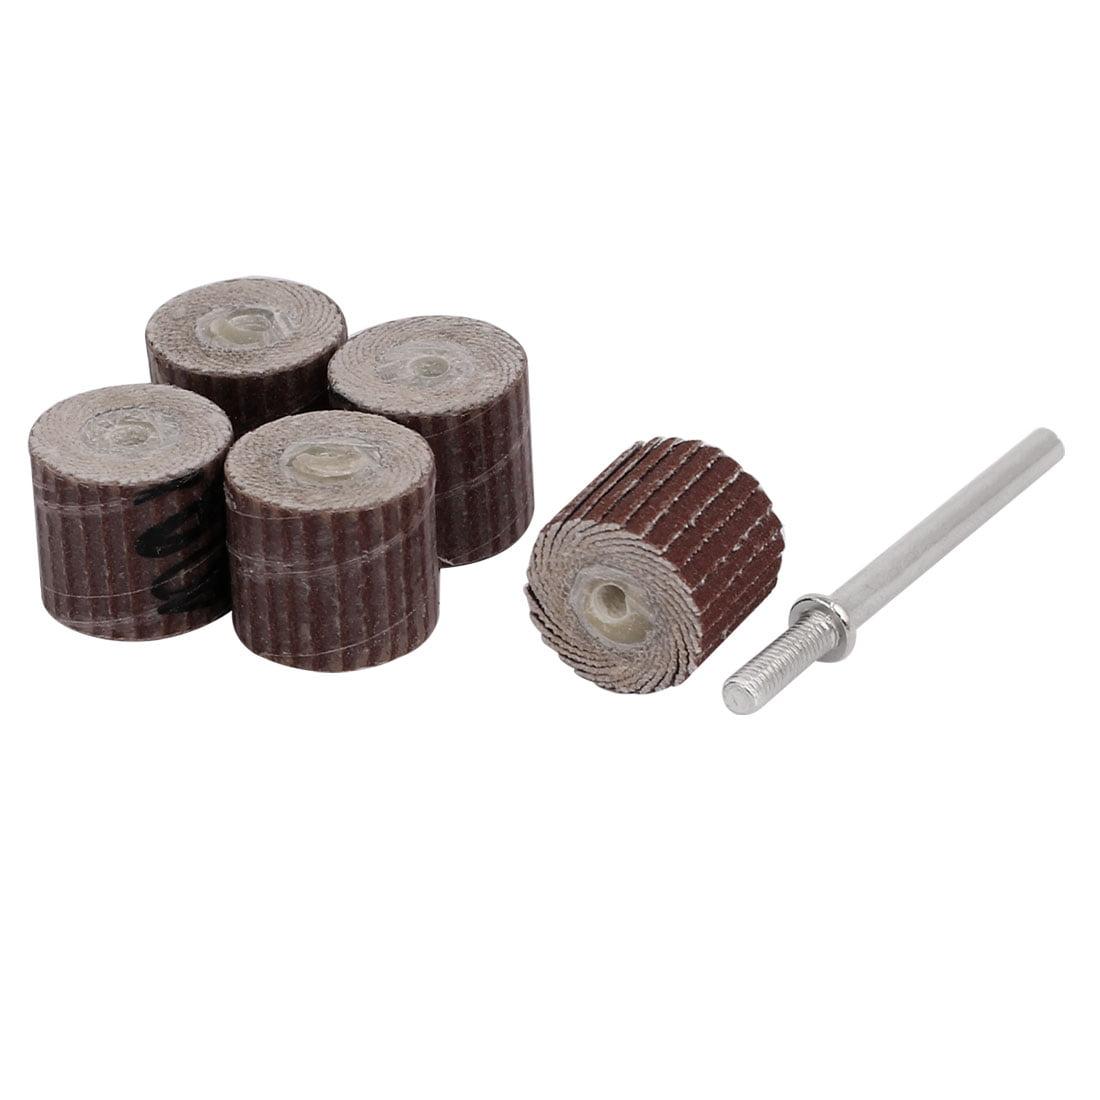 Unique Bargains 400 Grit 13mm Dia Sandpaper Flap Sanding Wheel Grinding Polishing Tool 15pcs - image 1 de 3